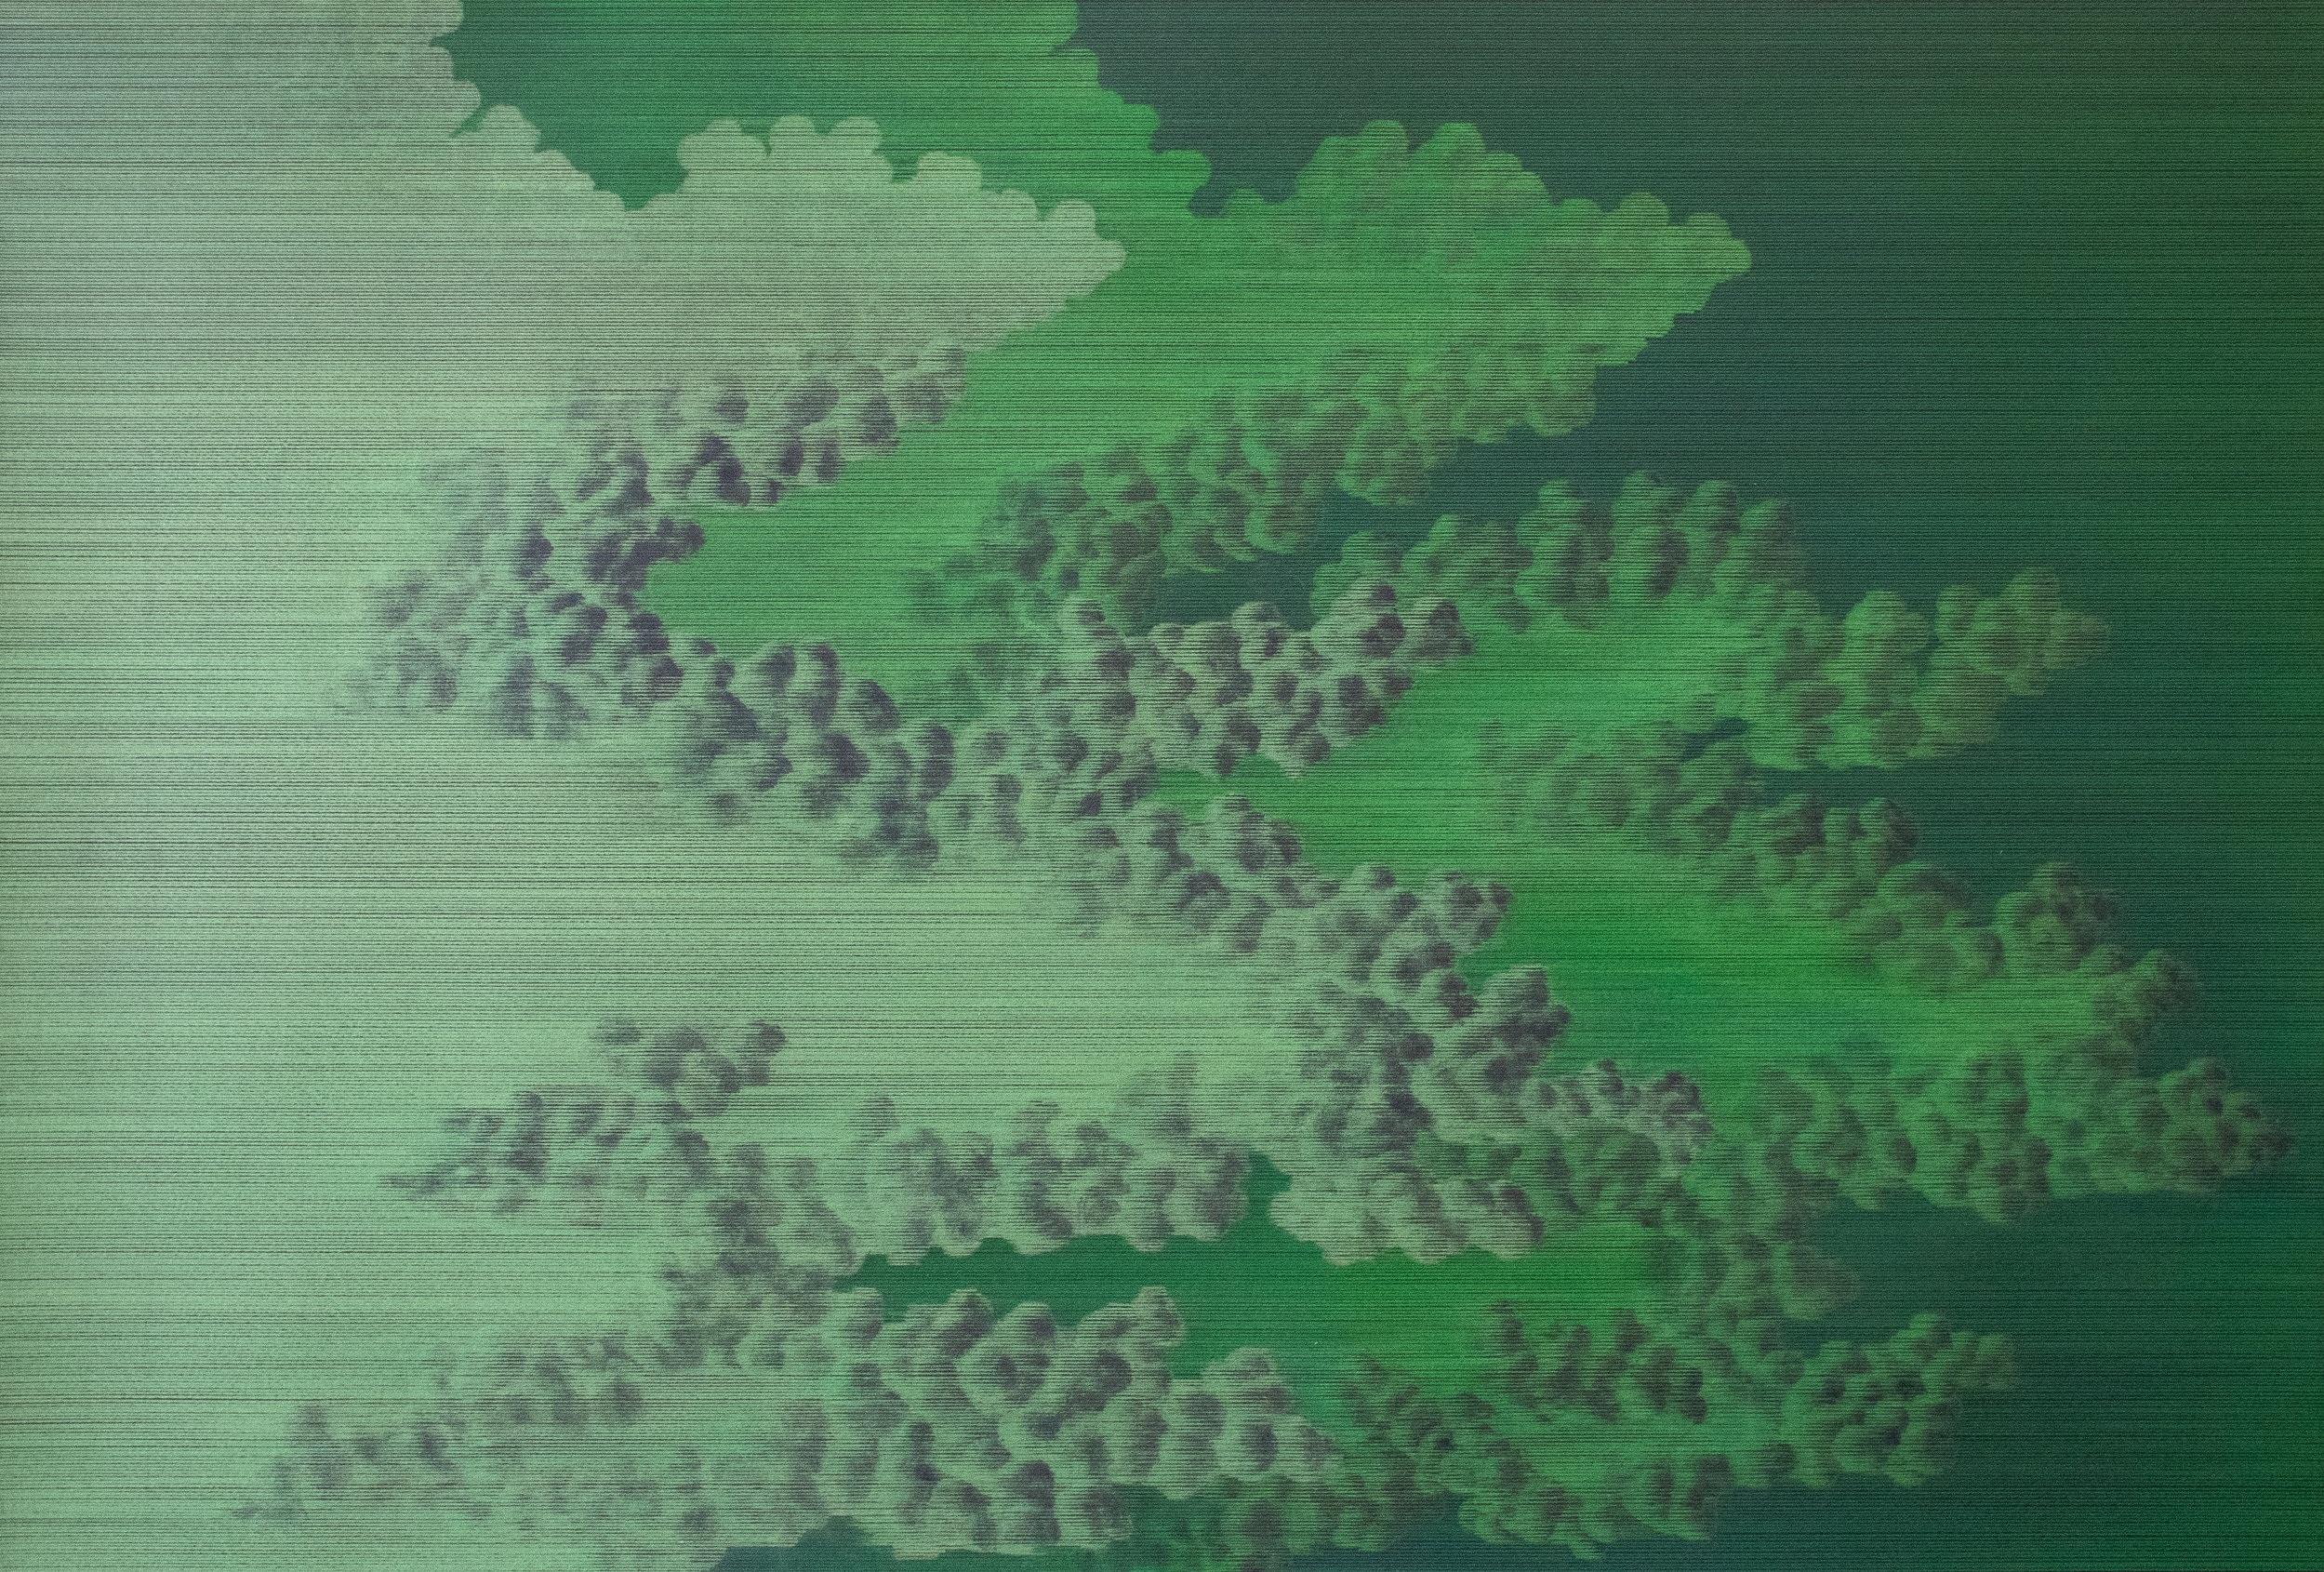 """Meaghan Hyckie,  Linux,  2019, crayon de couleur sur papier, 109 x 74 cm (43"""" x 29""""), courtoisie Olga Korper Gallery"""